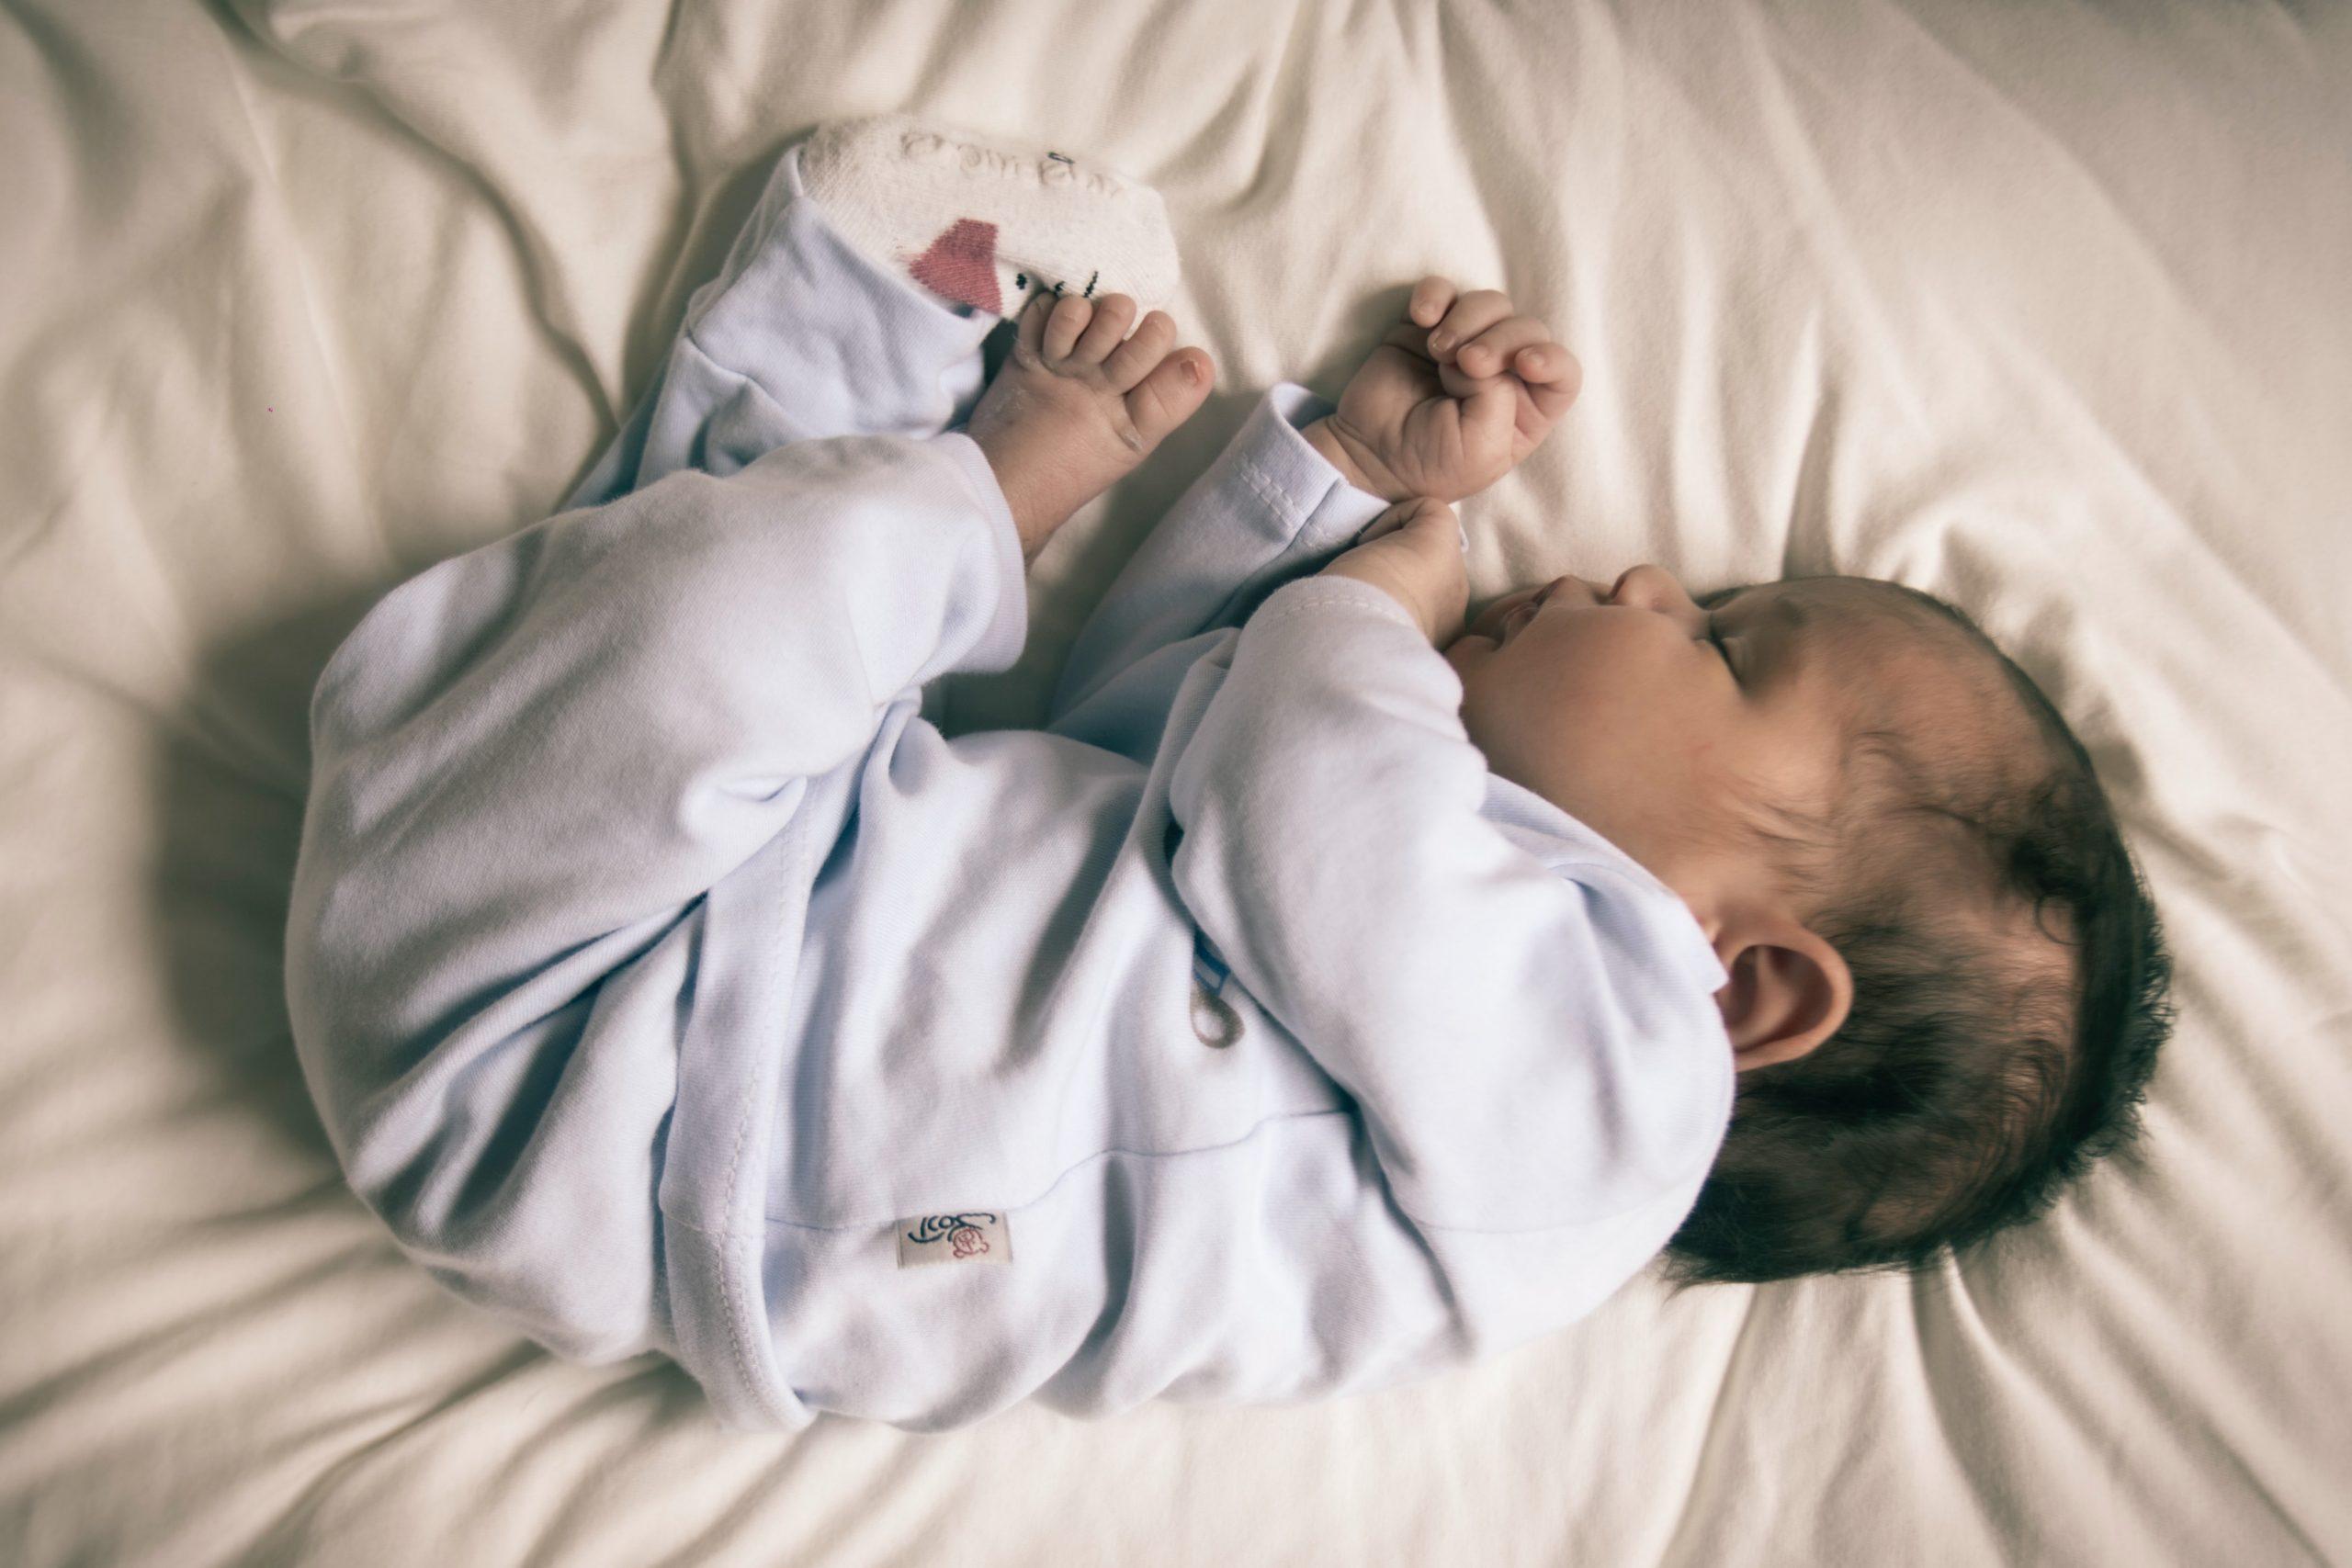 waarom slaapritueel belangrijk tips voorbeeld